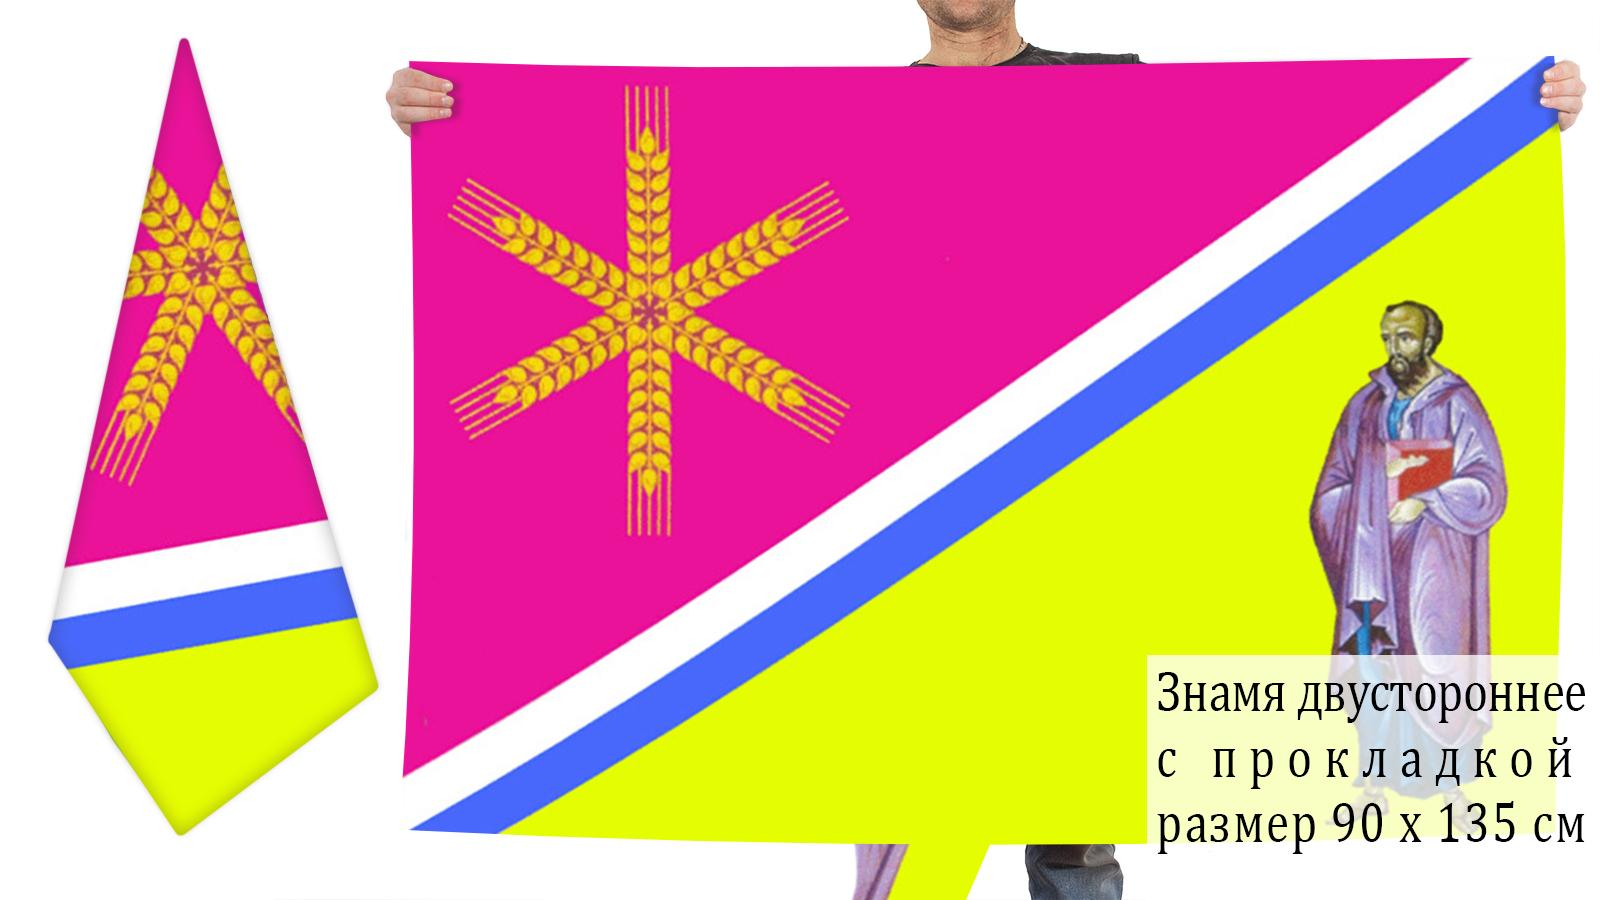 Двусторонний флаг Павловского сельского поселения